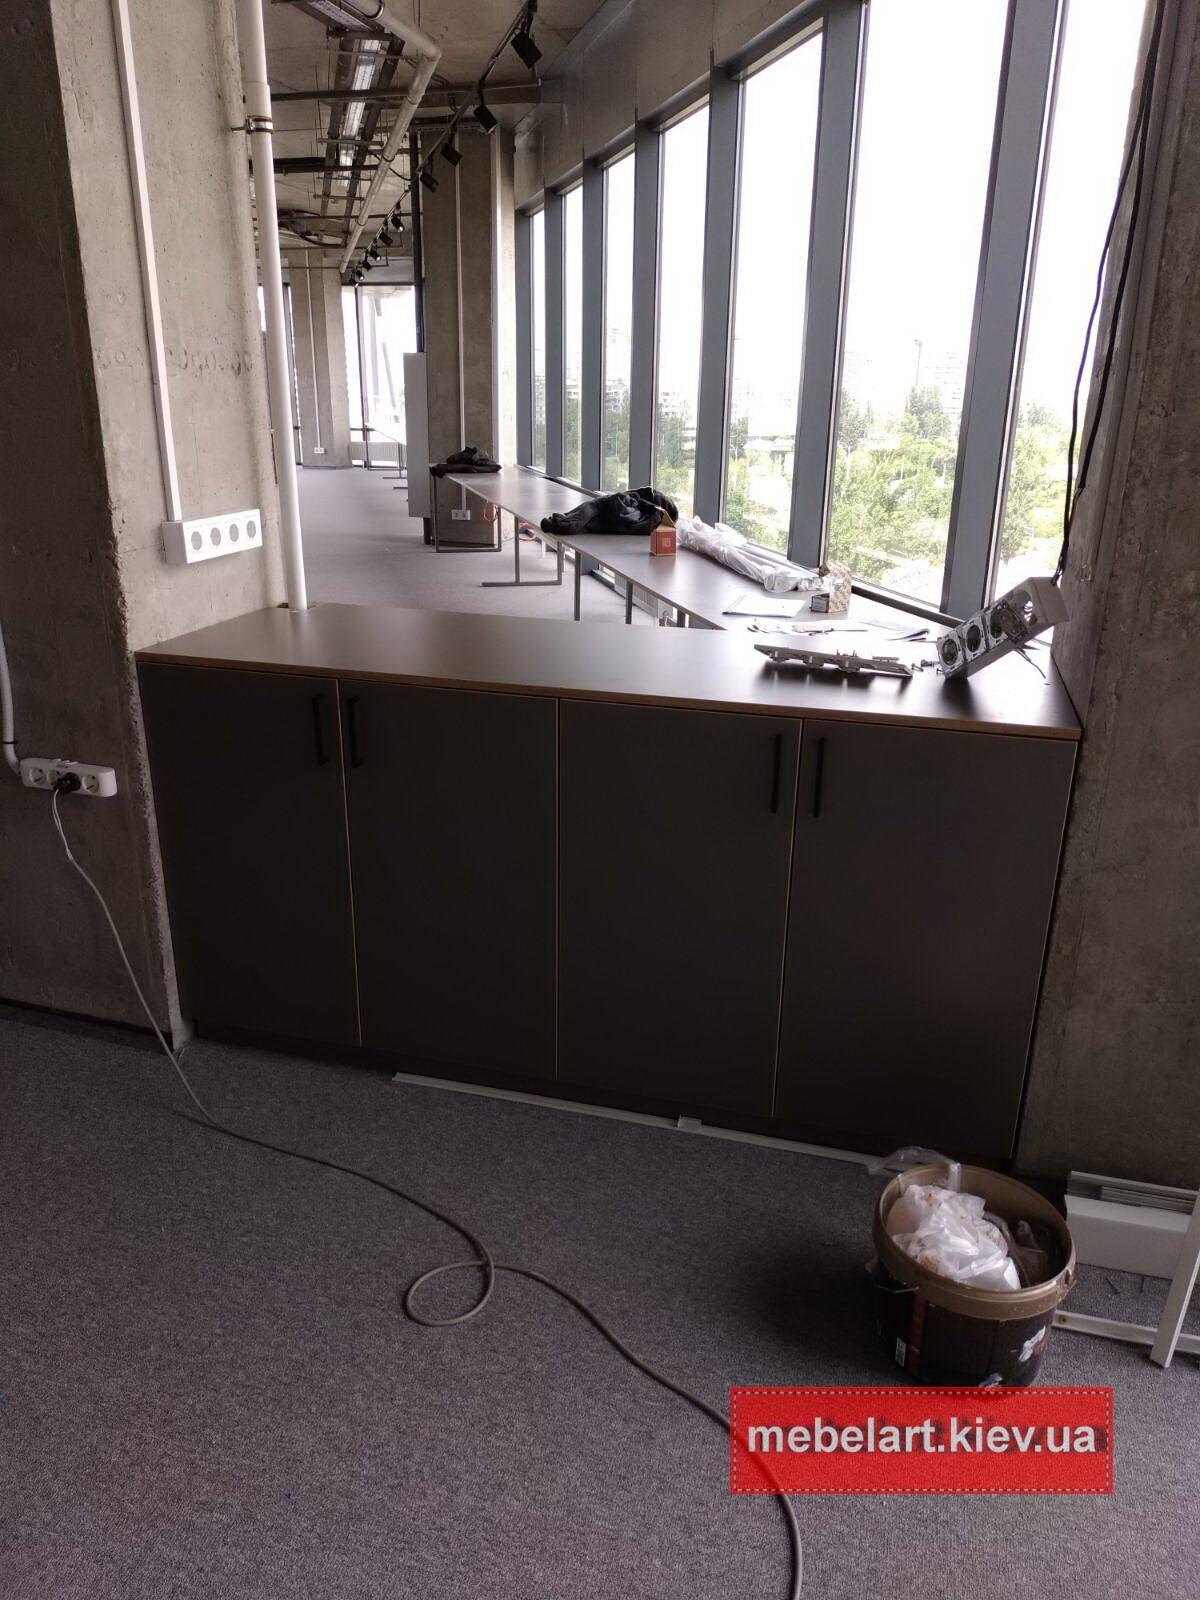 недорогая мебель в офисный центр